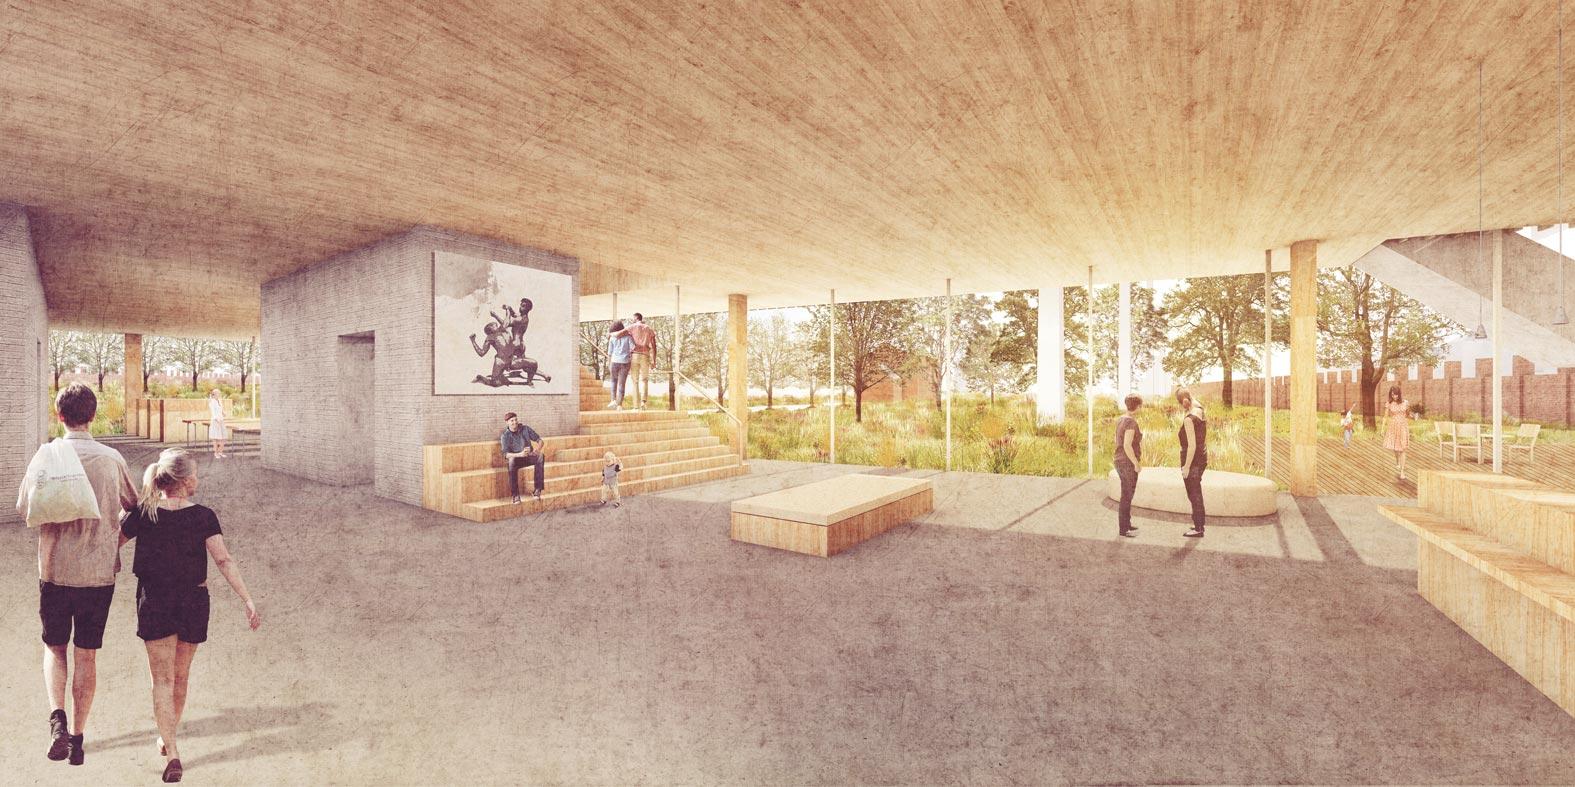 STUDIOKUBIK-KUBIK-architektur-architecture-berlin-SPORE_Initiative_haus des gemeinnuetzigen journalismus_innen